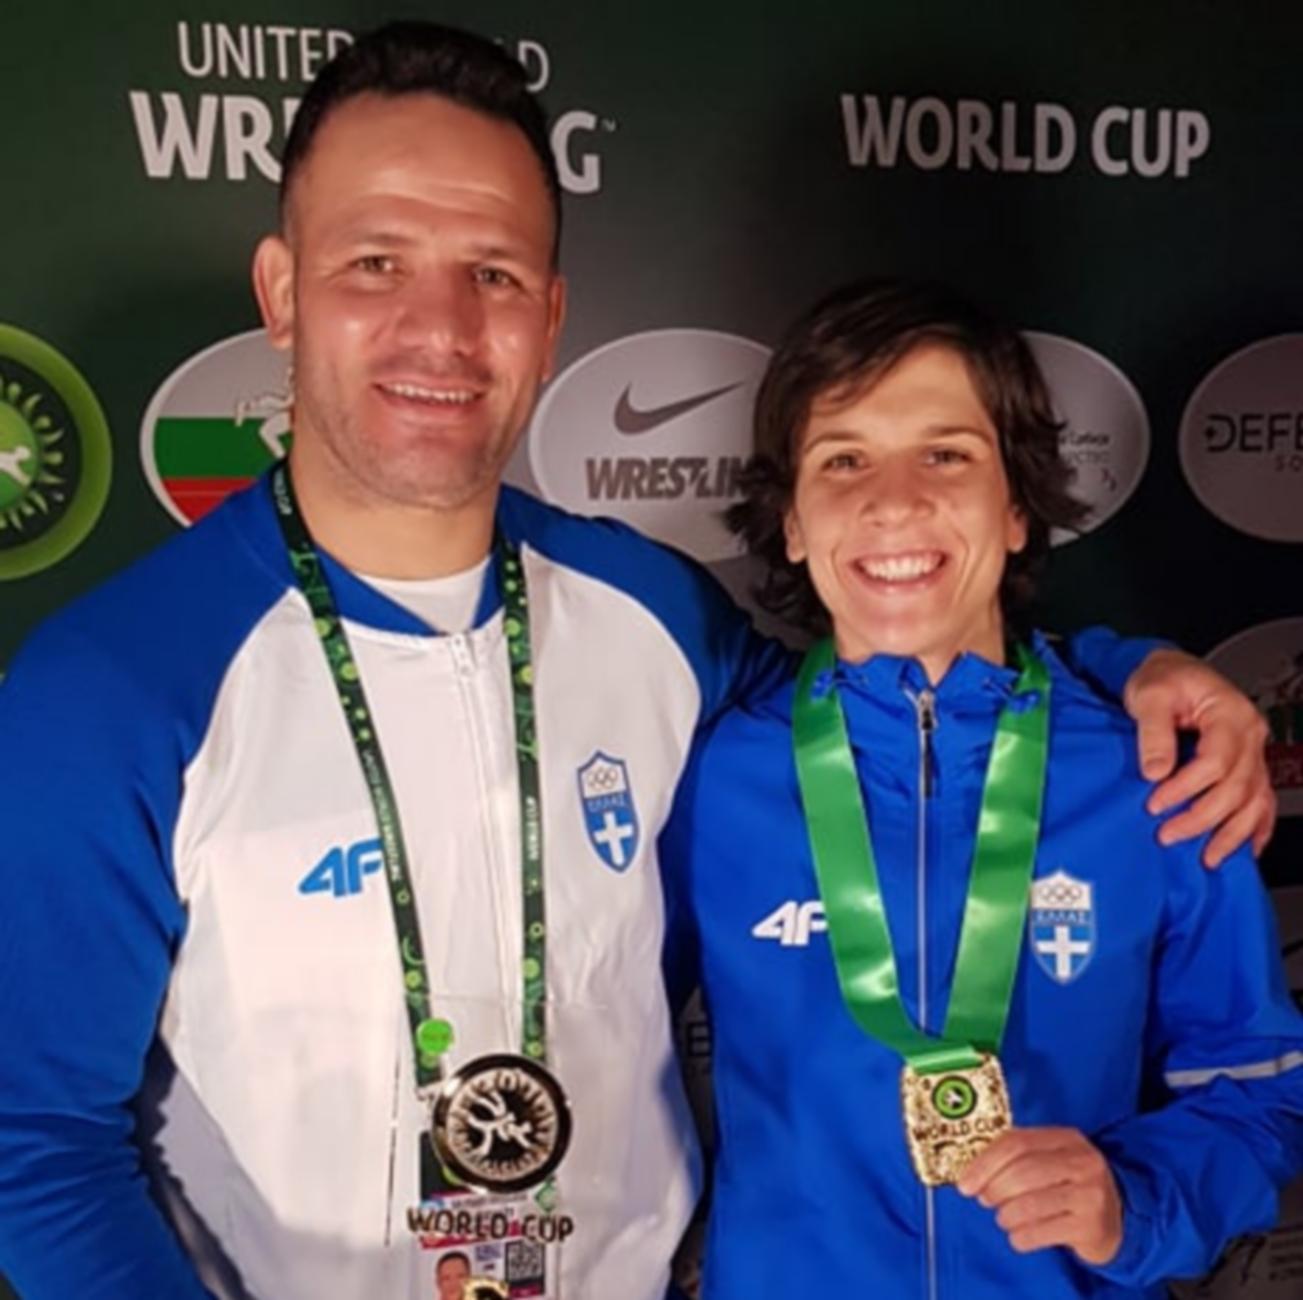 Η Πρεβολαράκη για το χρυσό μετάλλιο: «Με πείσμωσαν οι ατυχίες»